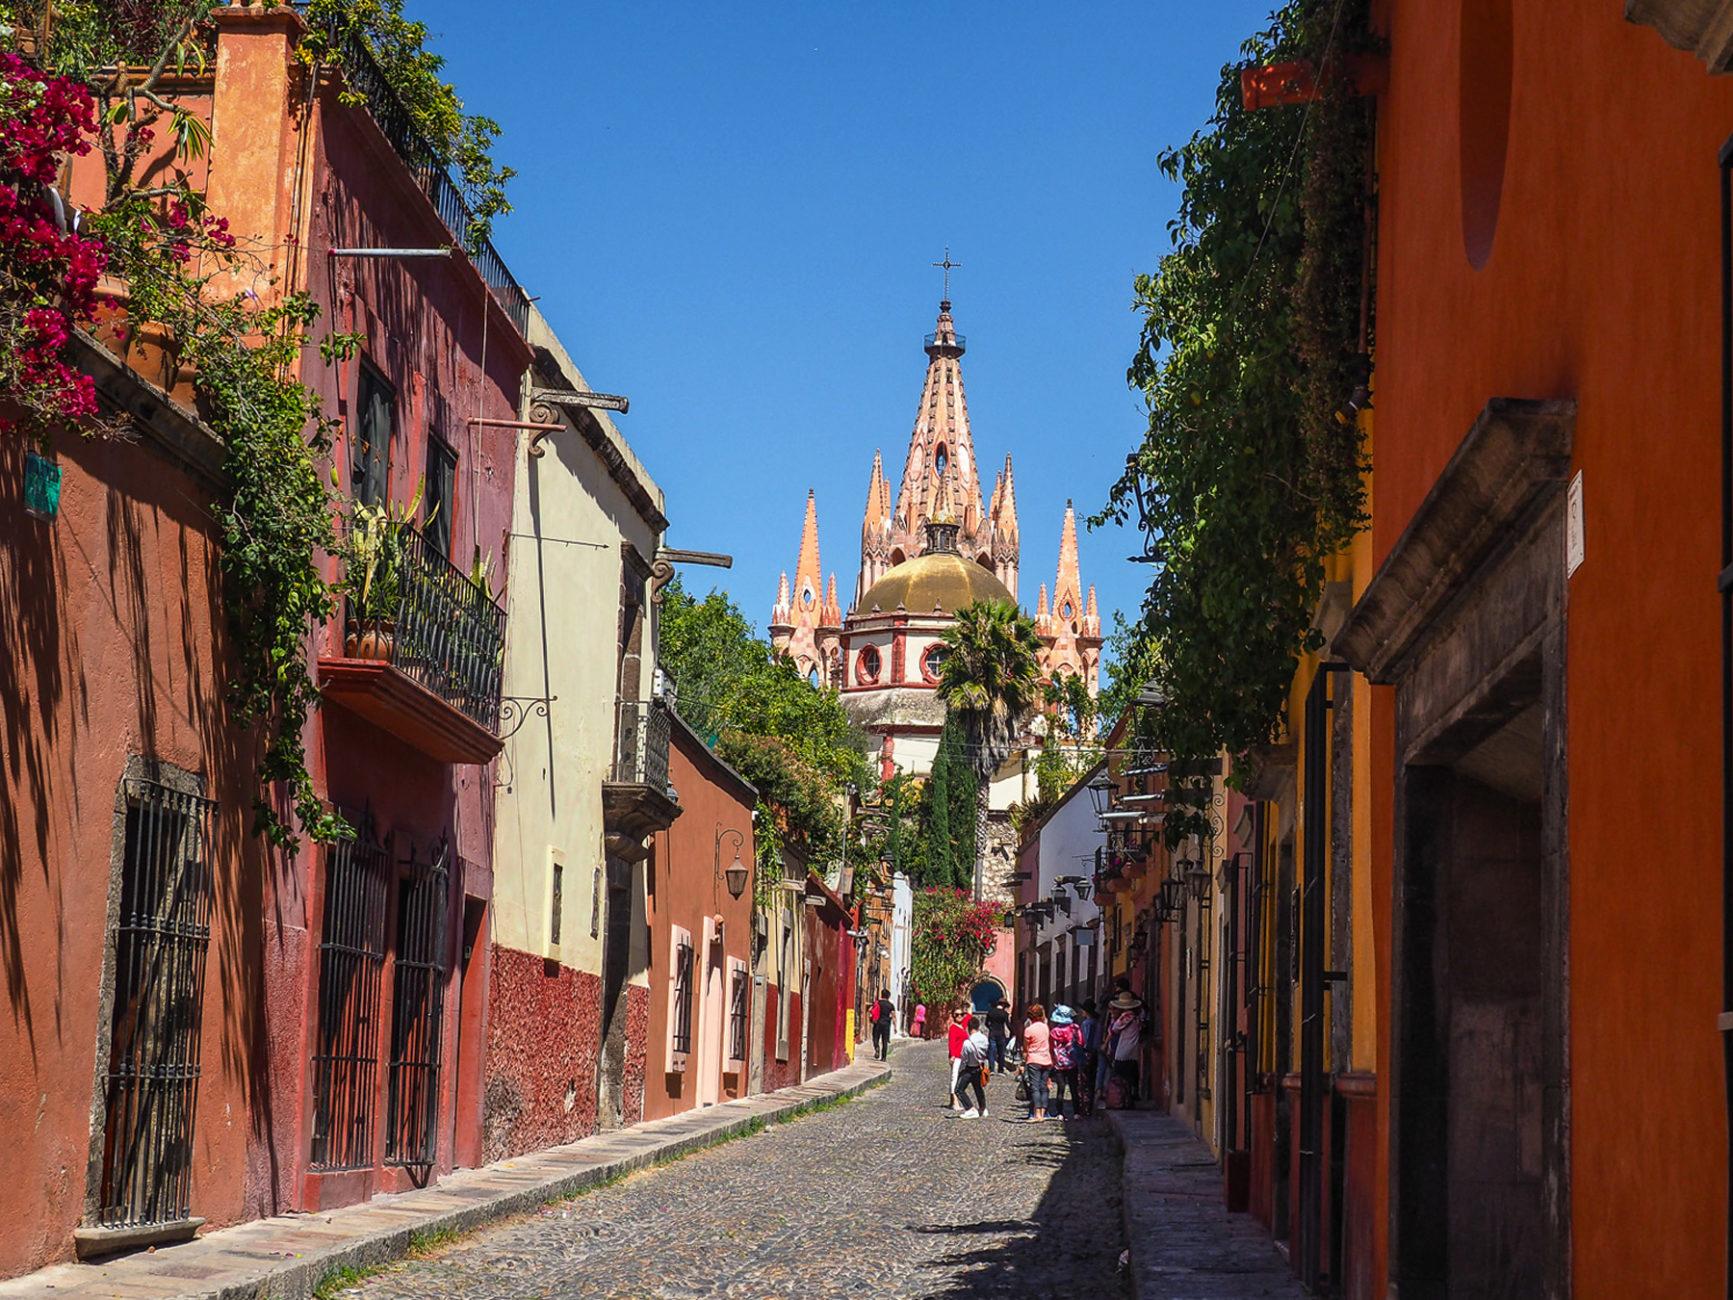 San Miguel gefällt uns bisher am Besten